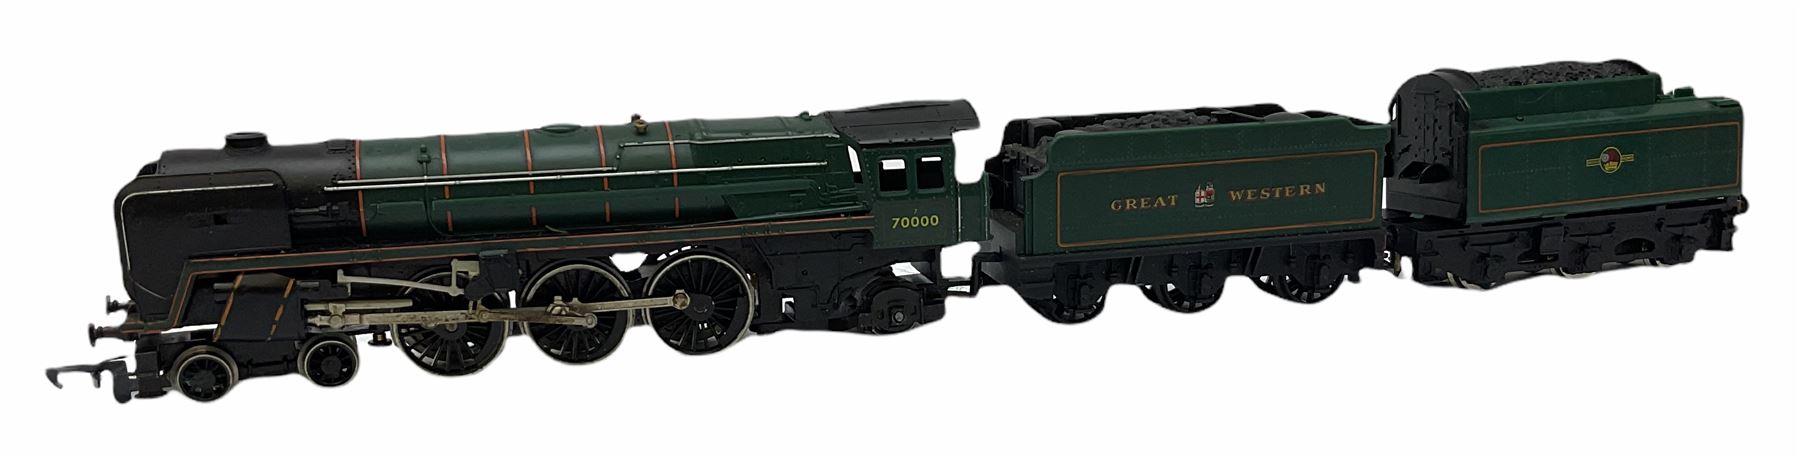 Hornby '00' gauge - Class A4 4-6-2 locomotive 'Mallard' No.60022; Class A1/A3 4-6-2 locomotive 'Flyi - Image 5 of 11